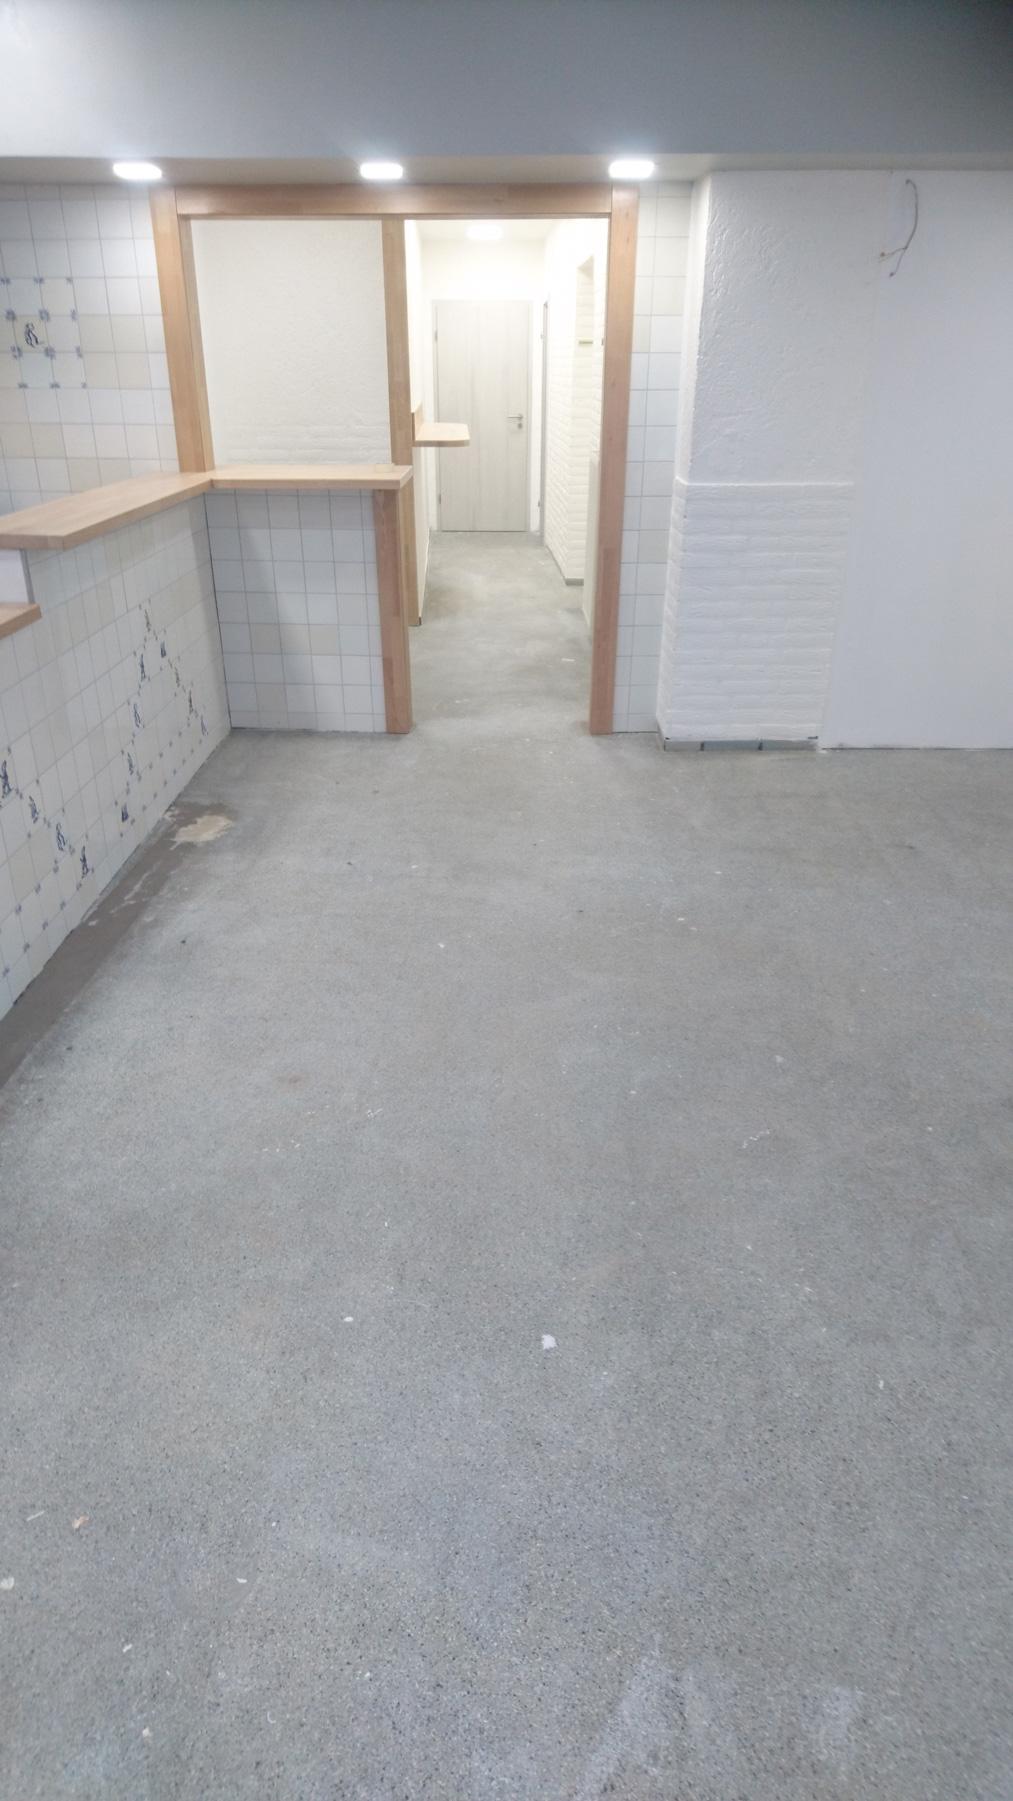 Steinteppich Wohnzimmer  Steinteppich in NRW